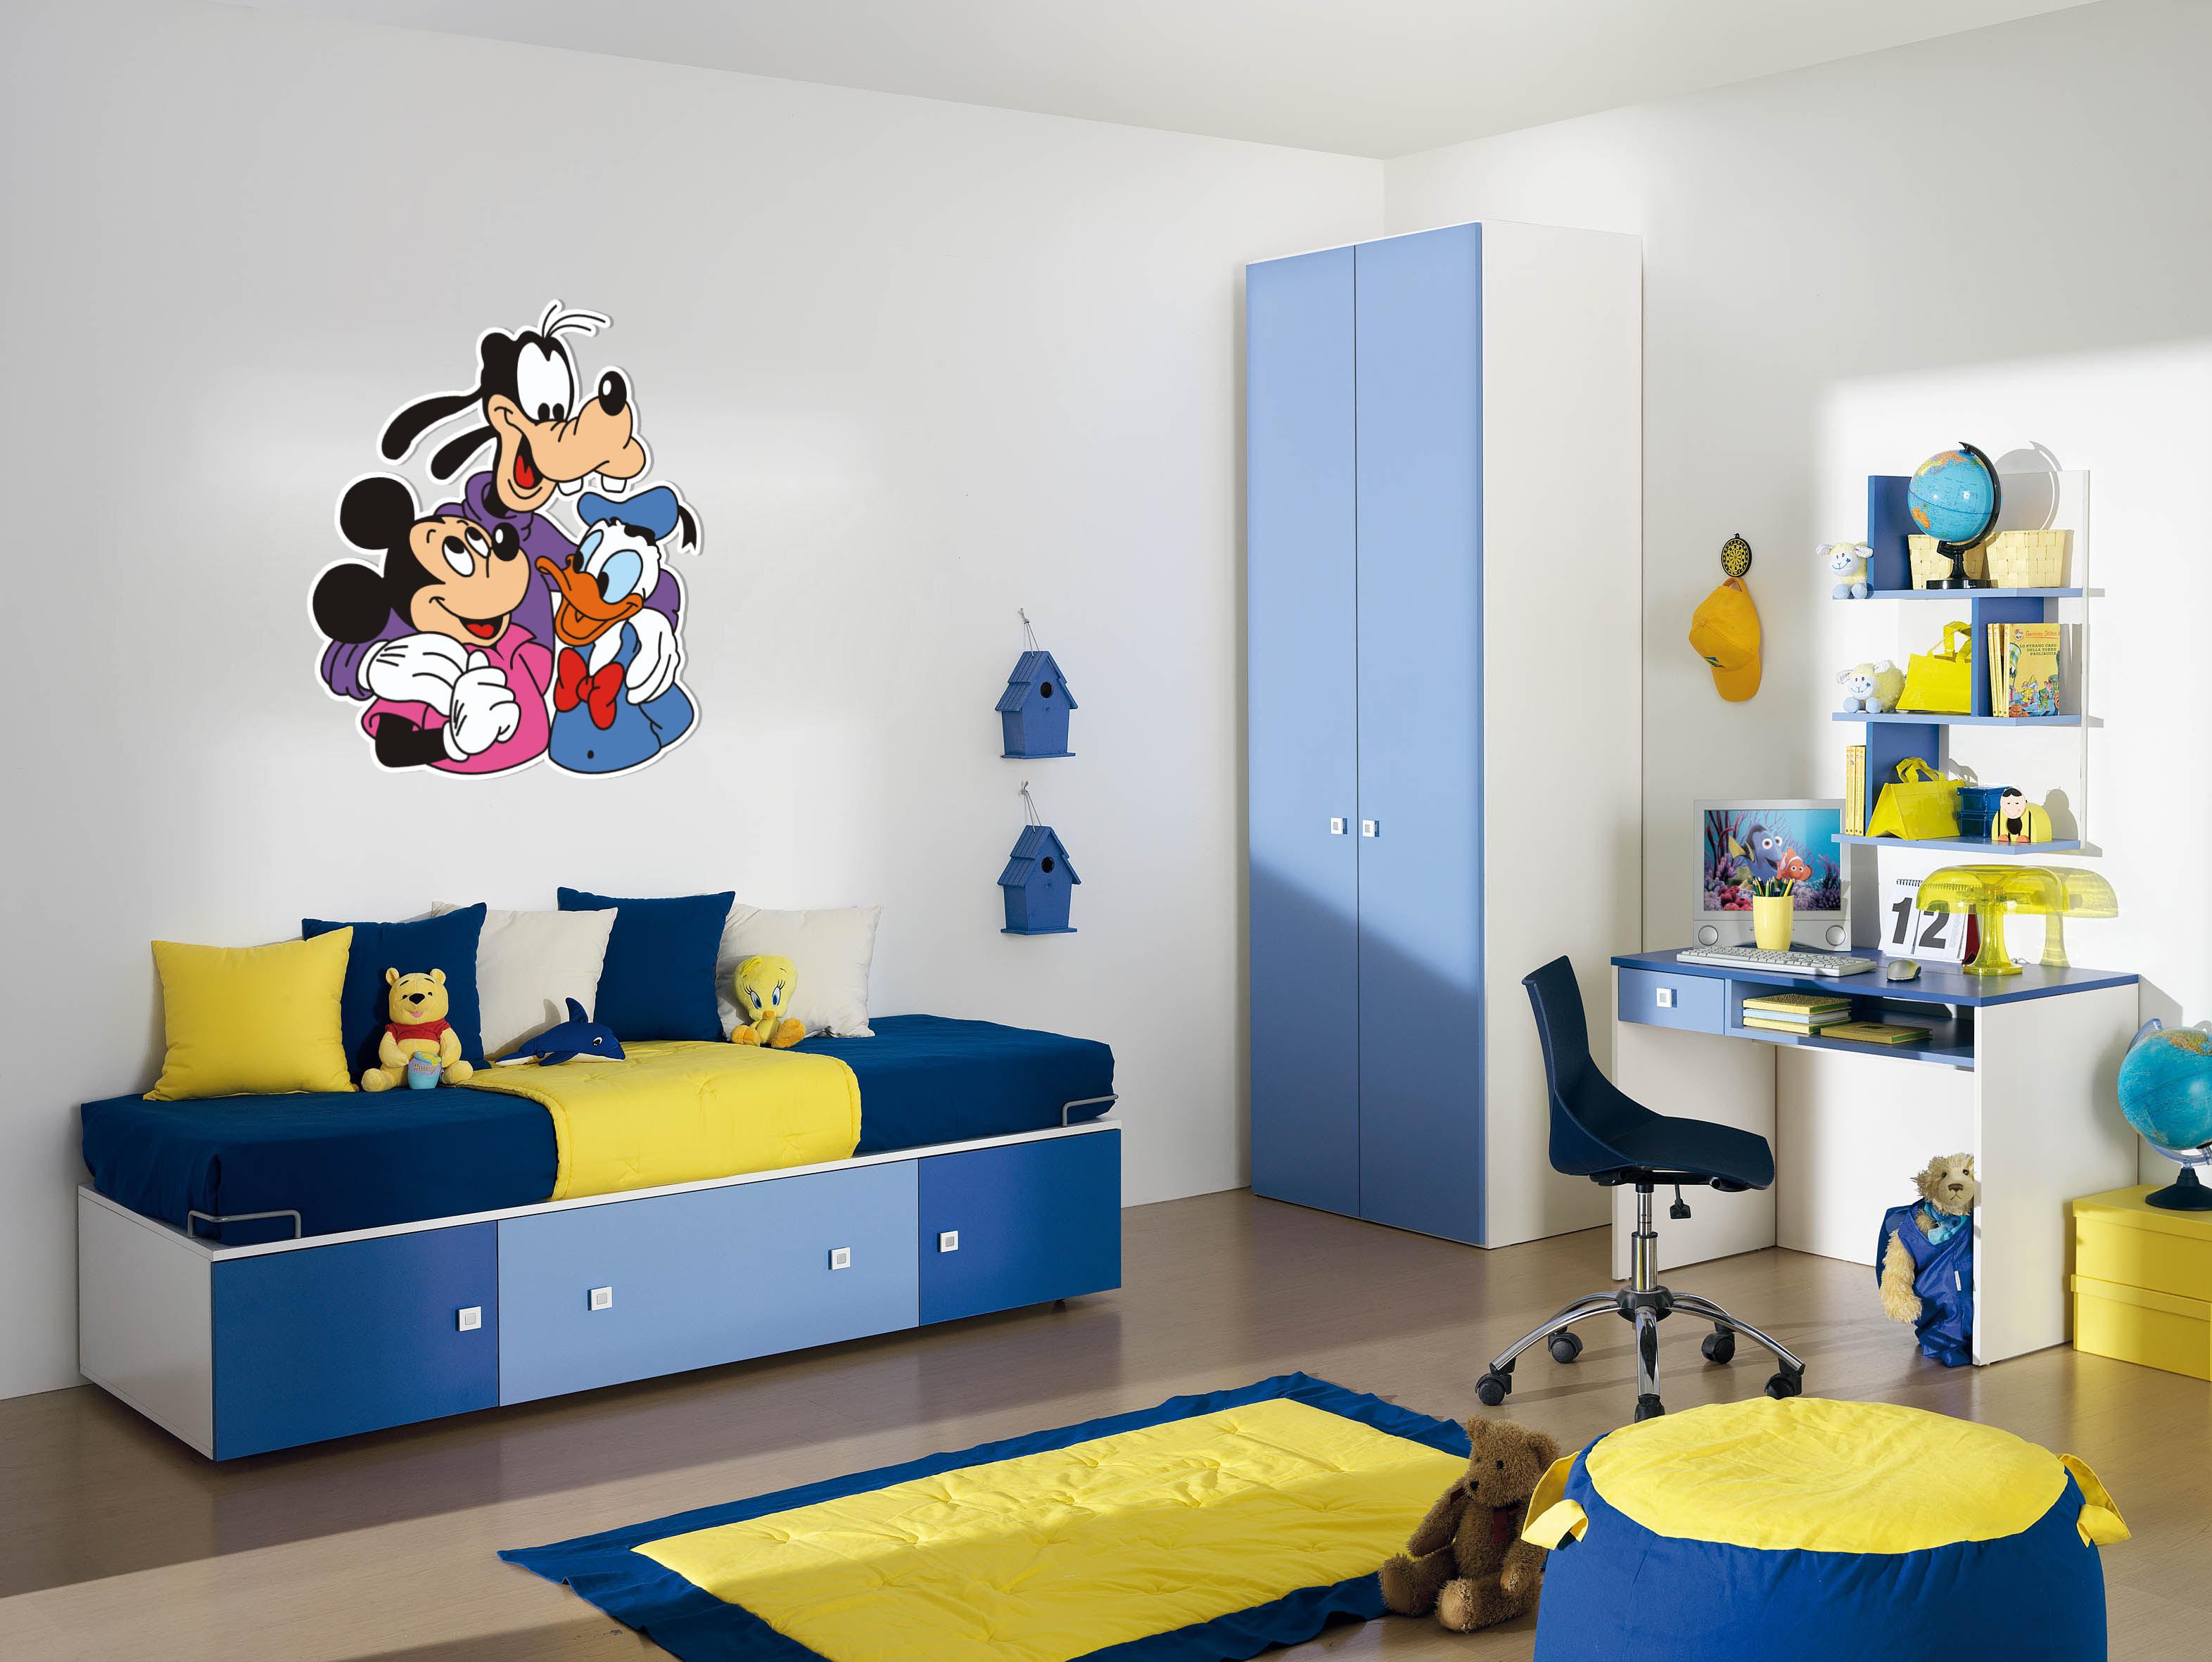 Muri Camerette Per Bambini decorazioni pareti: ecco i nuovi pannelli sagomati per